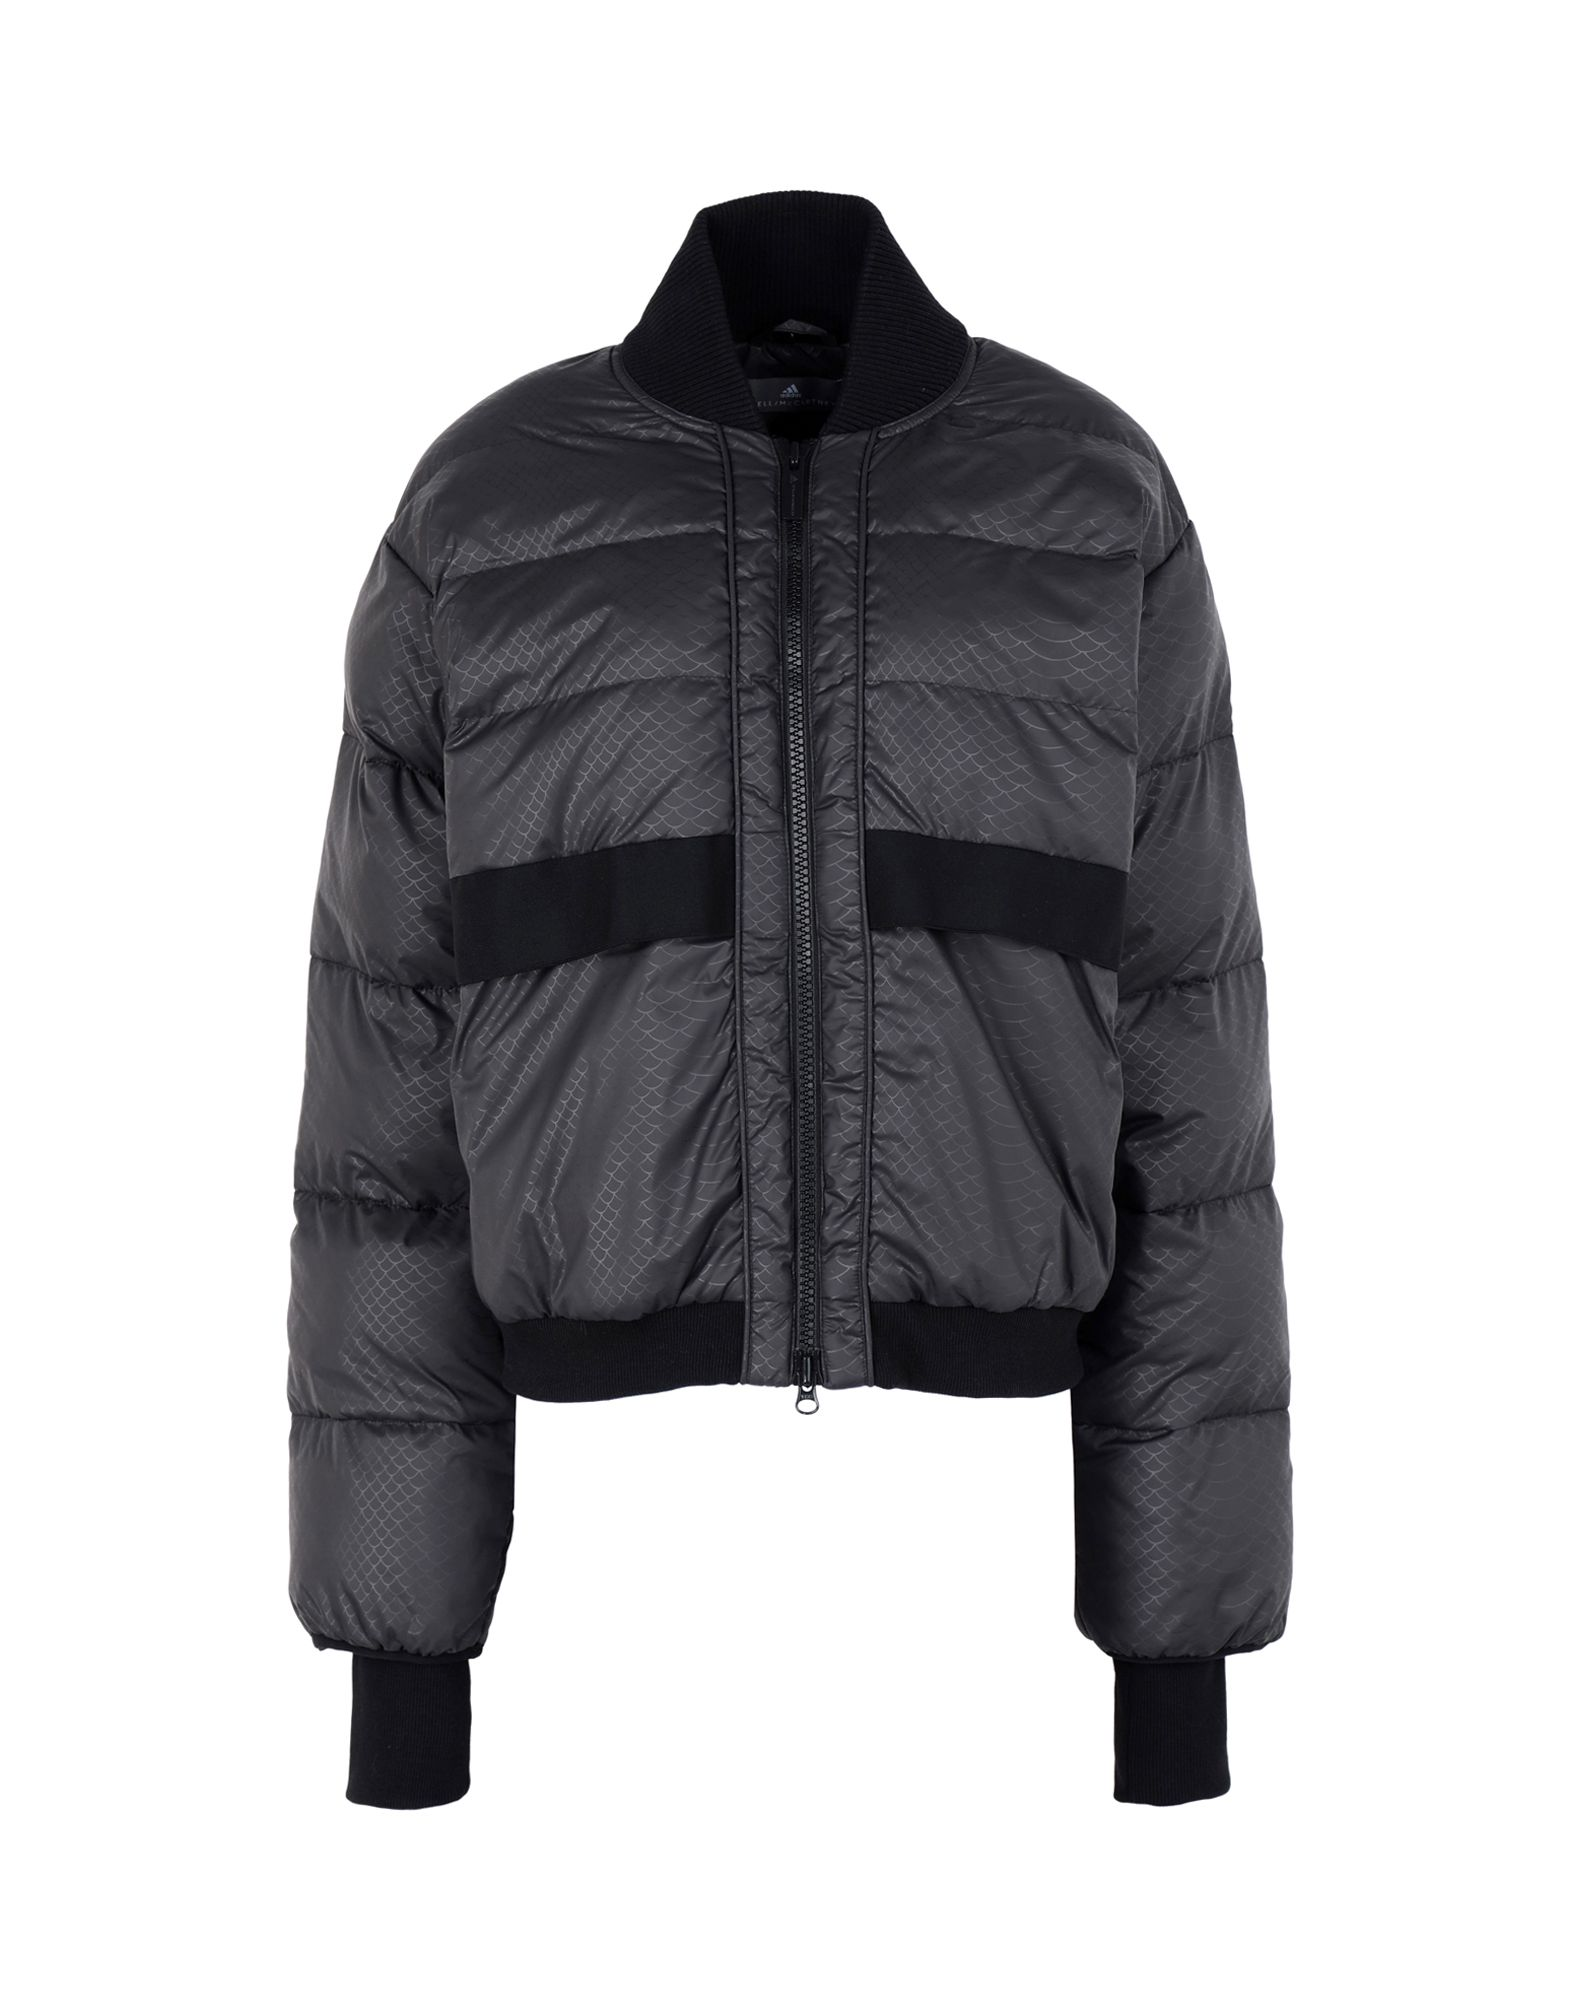 《セール開催中》ADIDAS by STELLA McCARTNEY レディース 合成繊維中綿アウター ブラック XS 100% ポリエステル Essentials Short Padded Jacket